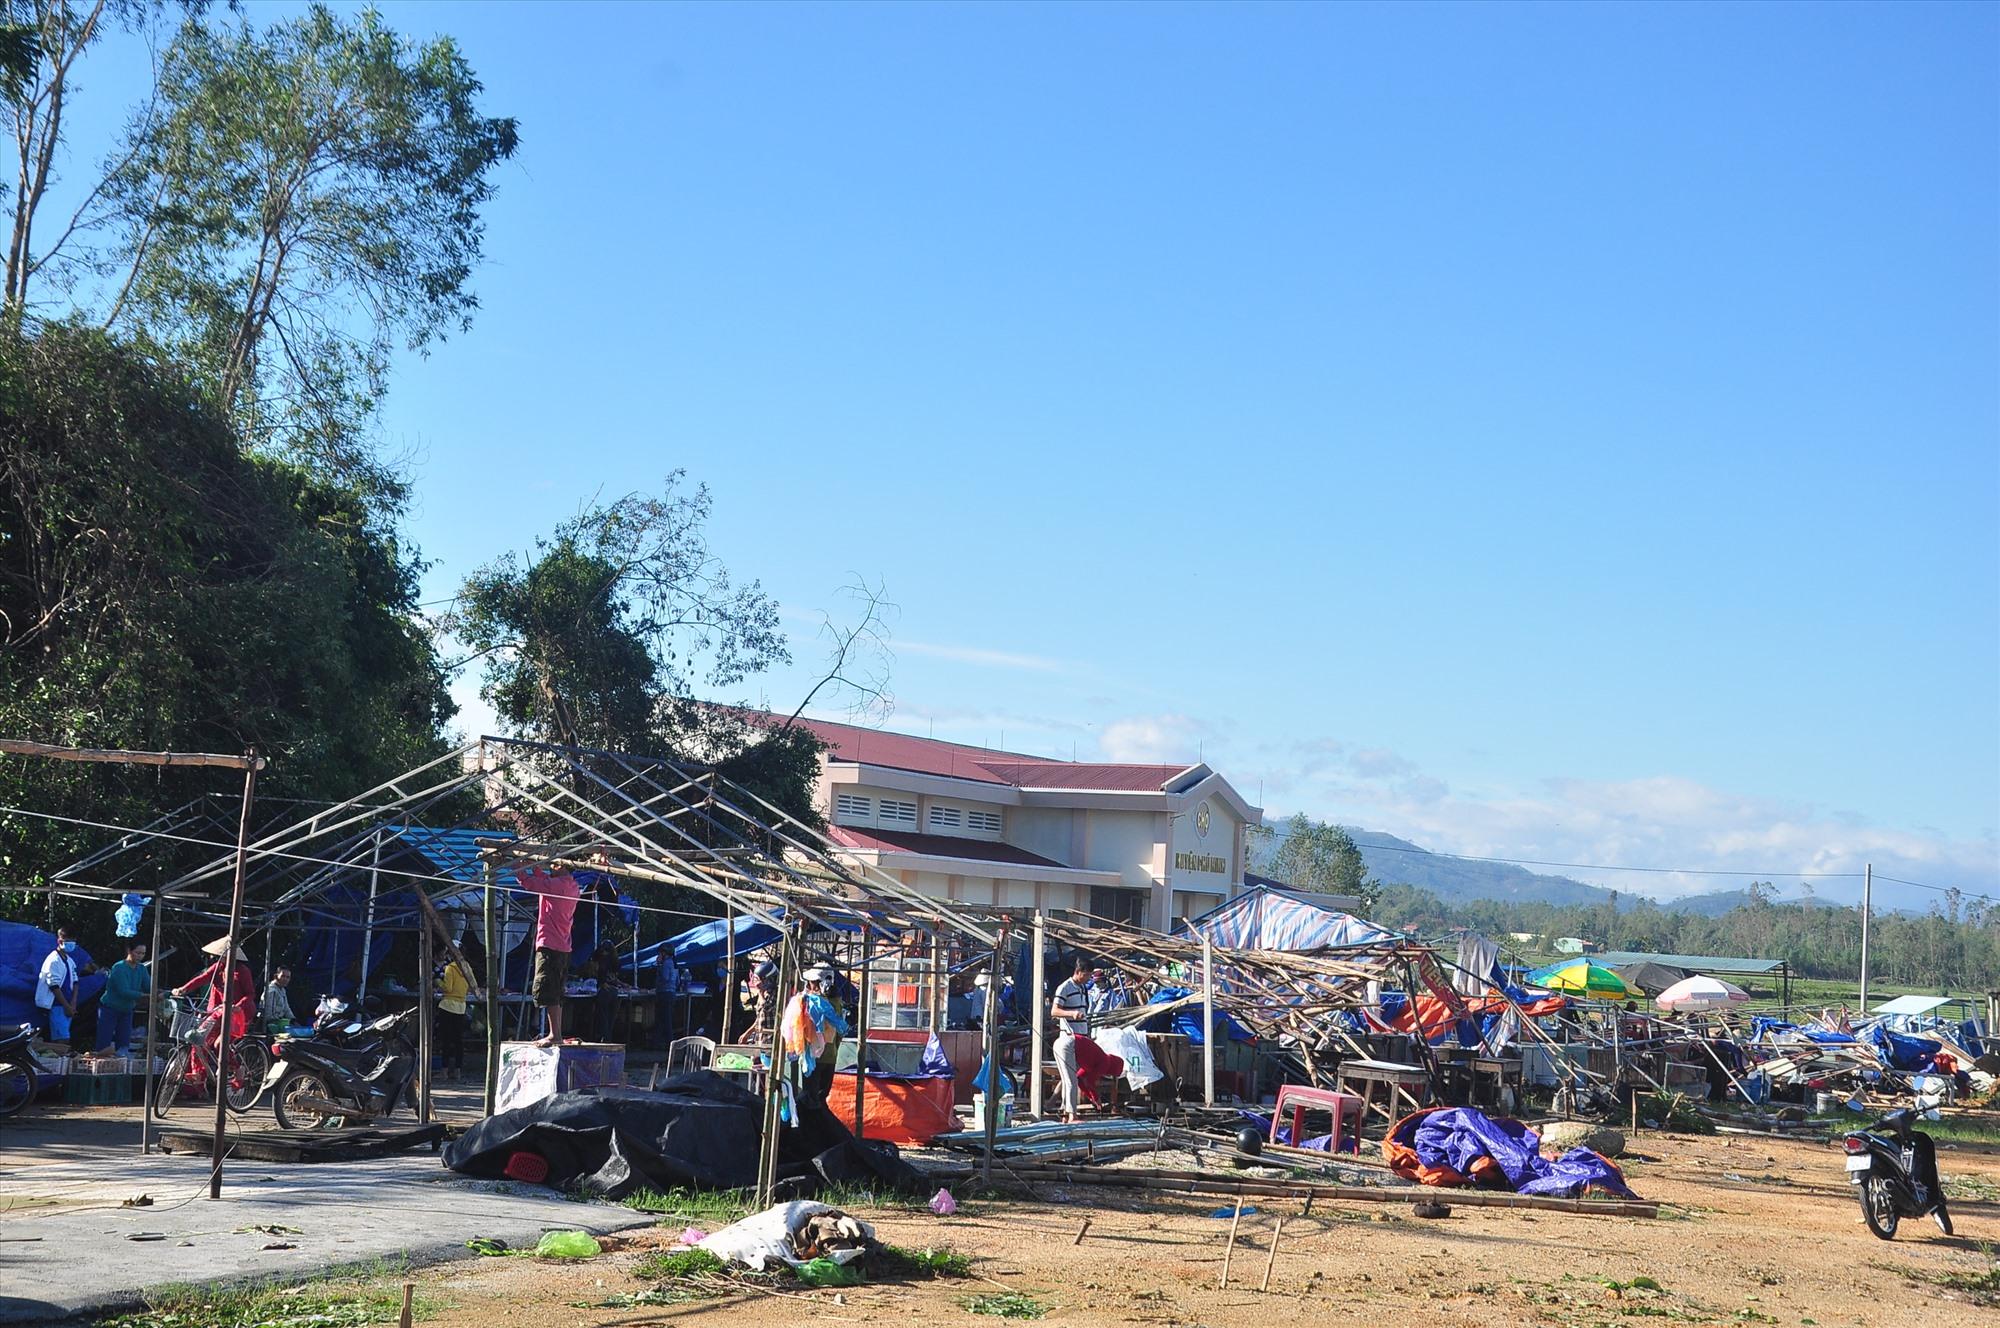 Khung cảnh tan hoang tại khu vực chợ Phú Thịnh (thị trấn Phú Thịnh, huyện Phú Ninh). Nhiêu ki ốt xung quanh chợ bị tốc mái, đổ sập. Ảnh: VINH ANH